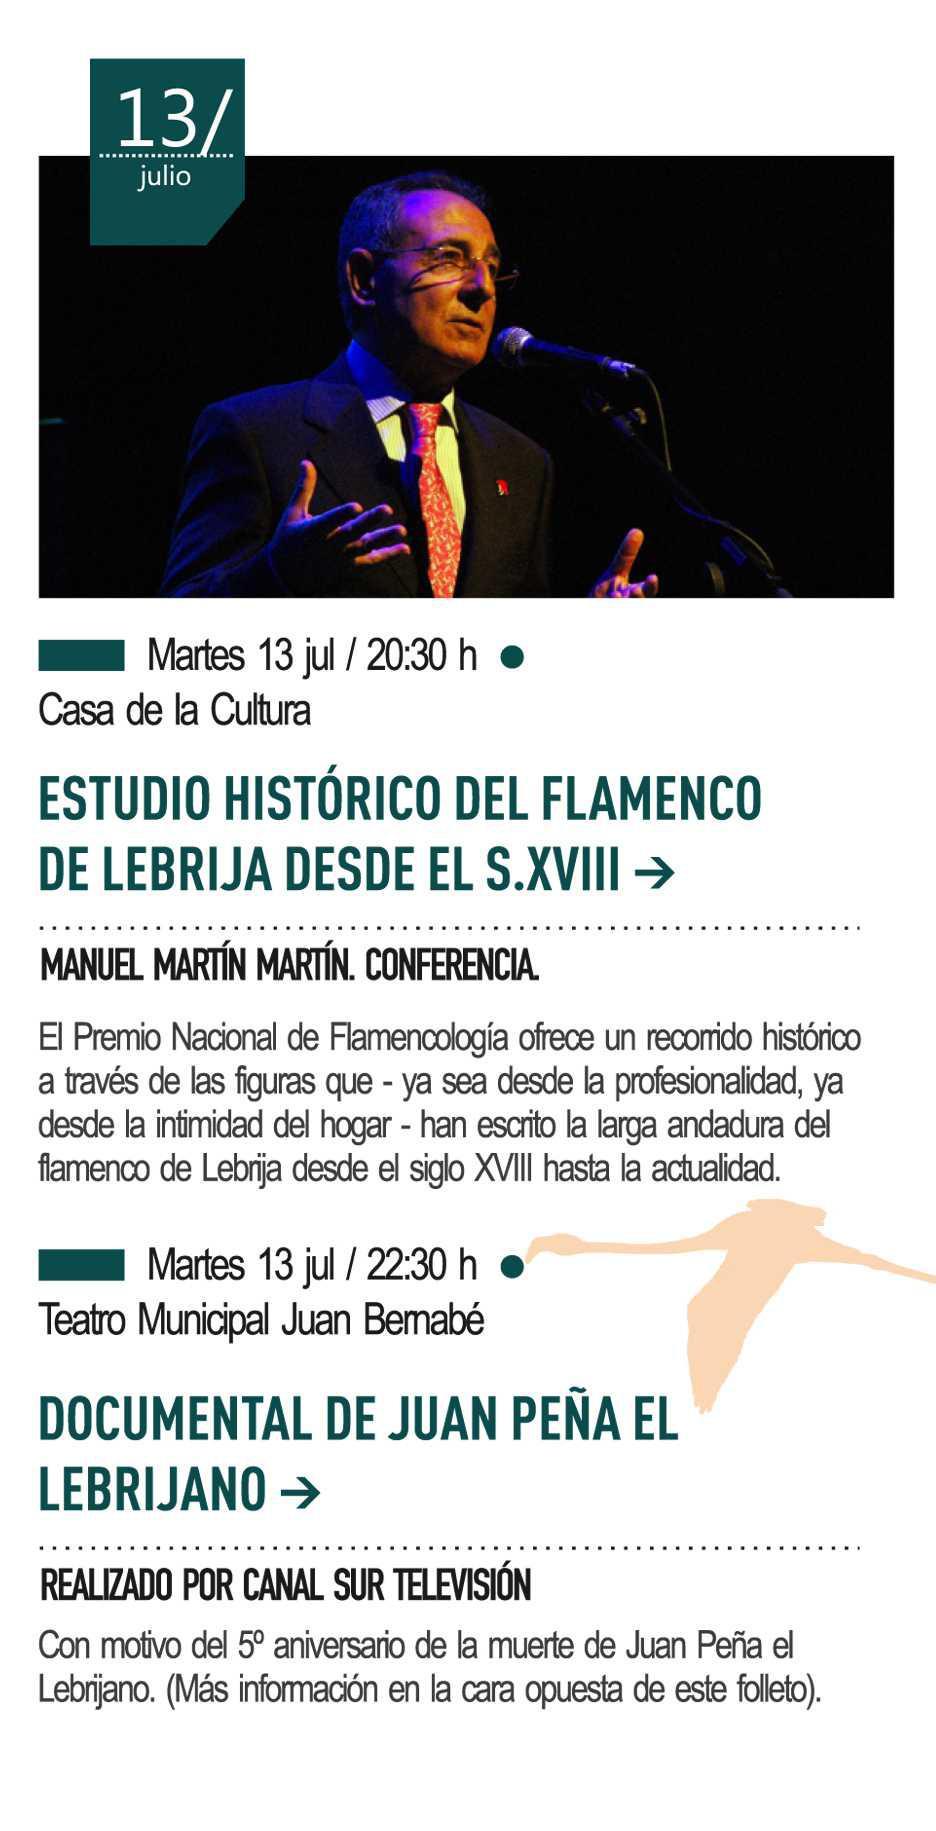 13 de julio - Conferencia a cargo de Manuel Martín